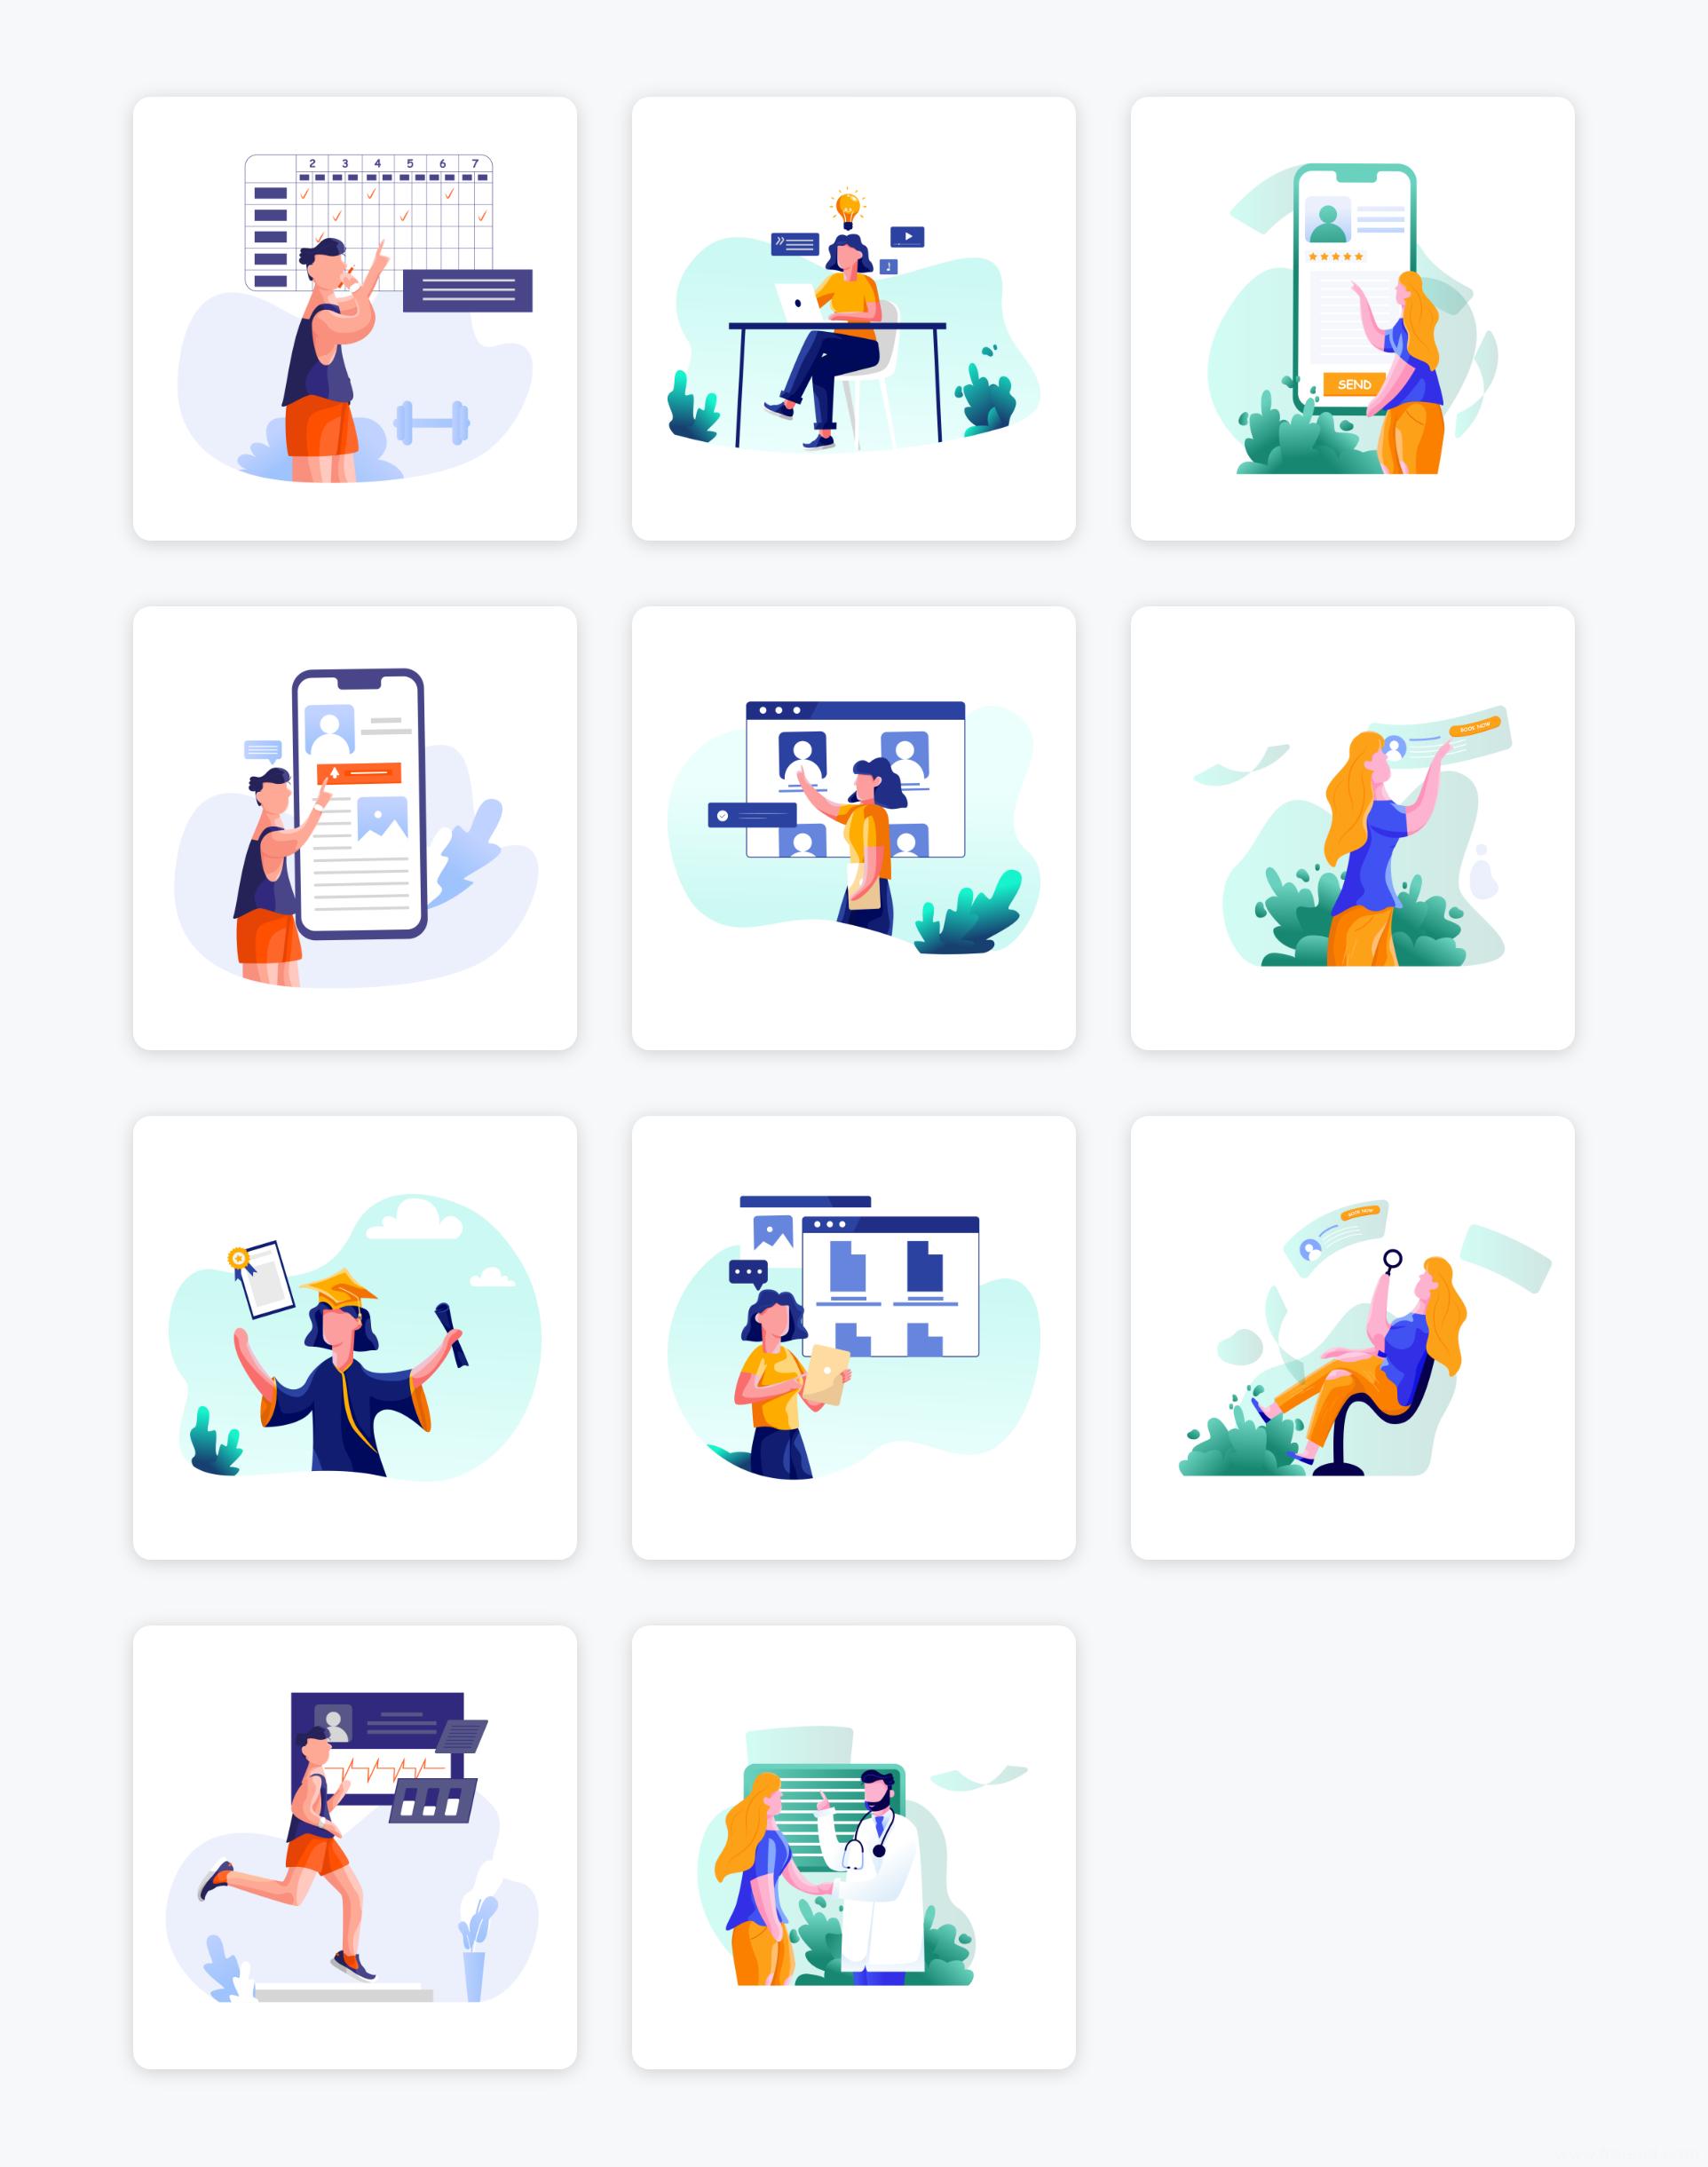 一组在涵盖线教育插画、金融插画、医疗插画类等商务场景运营插画AI源文件下载